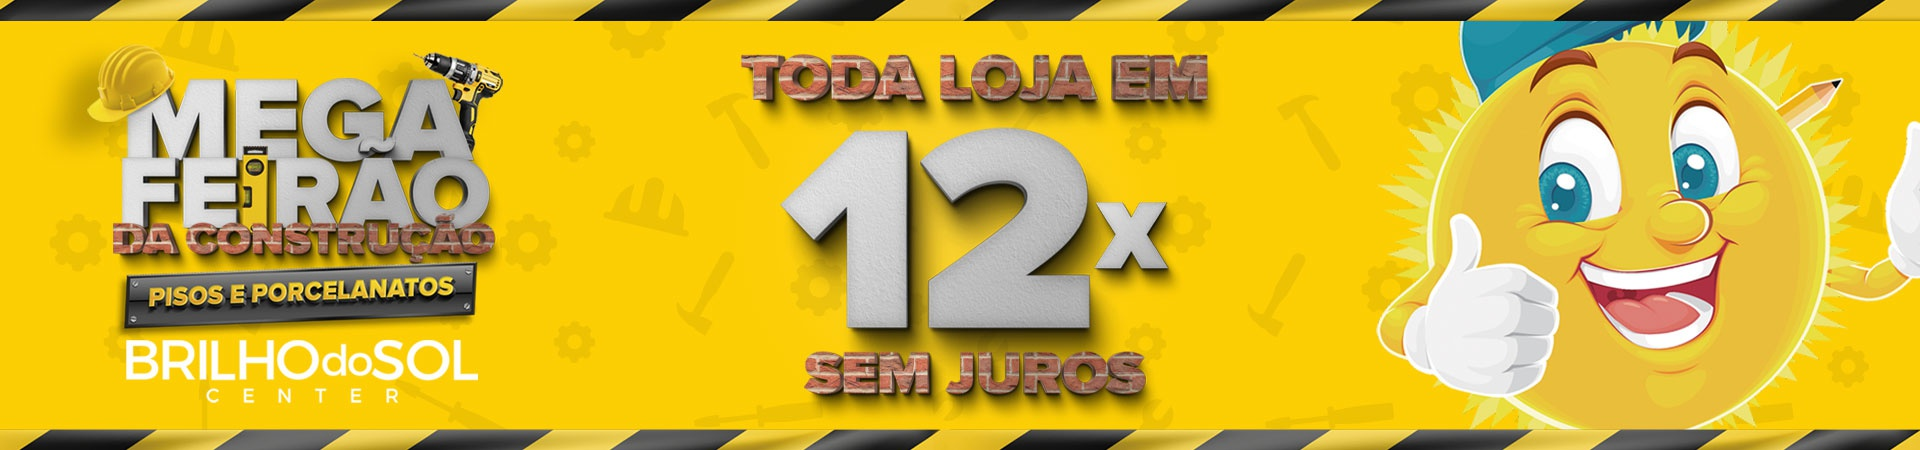 Banner Site 2 - MEGA FEIRÃO